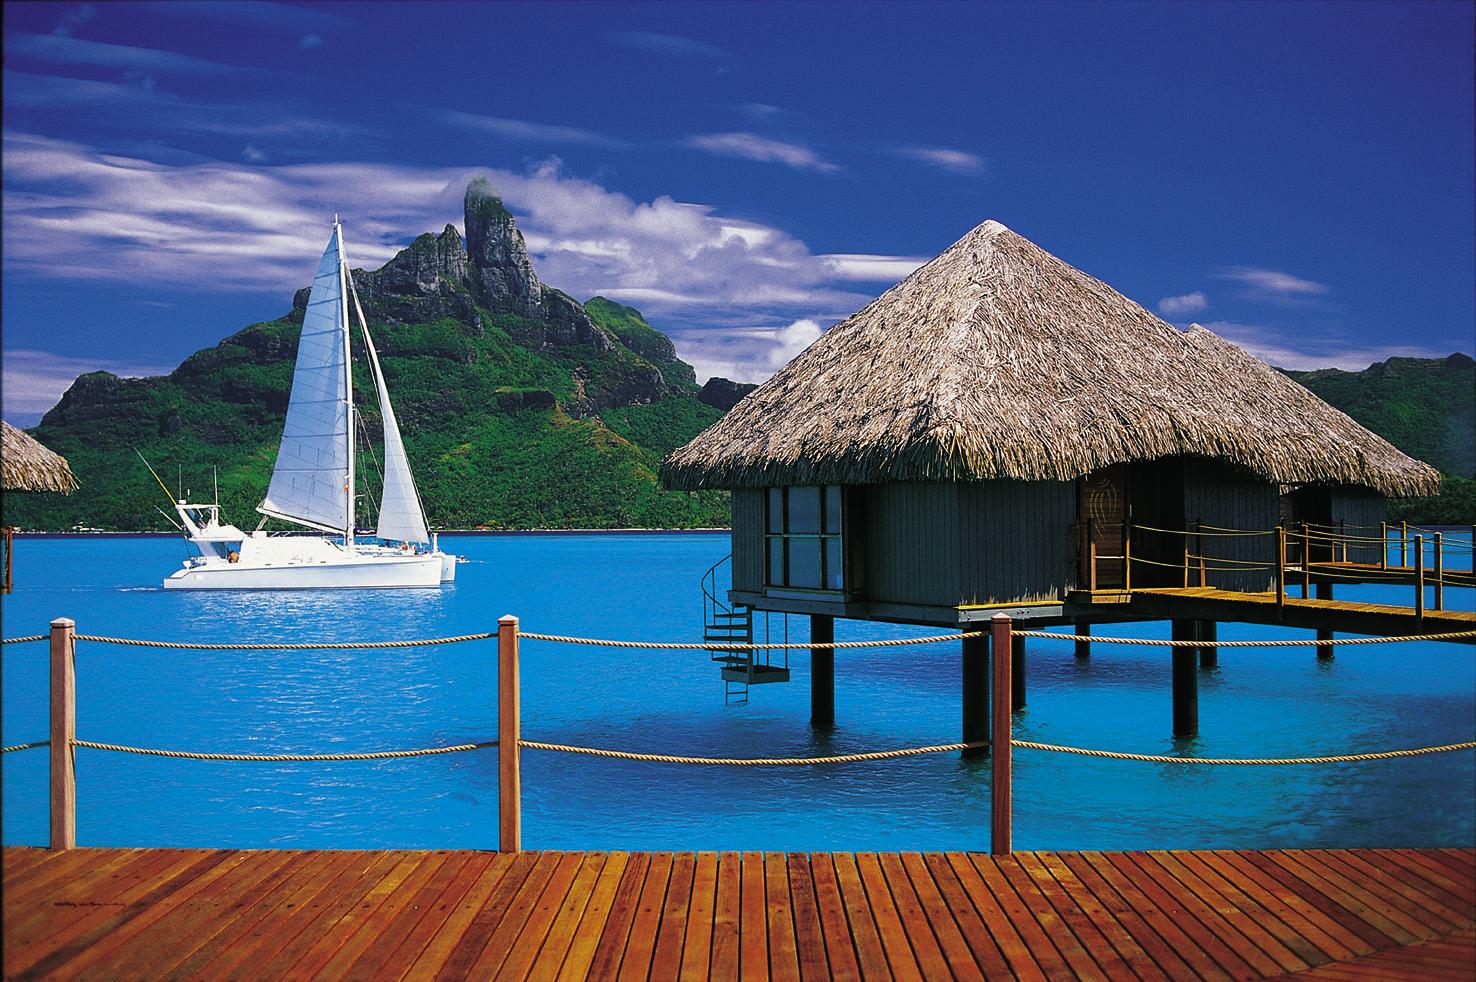 Club Med Bora Bora Foro de las Islas de la Sociedad